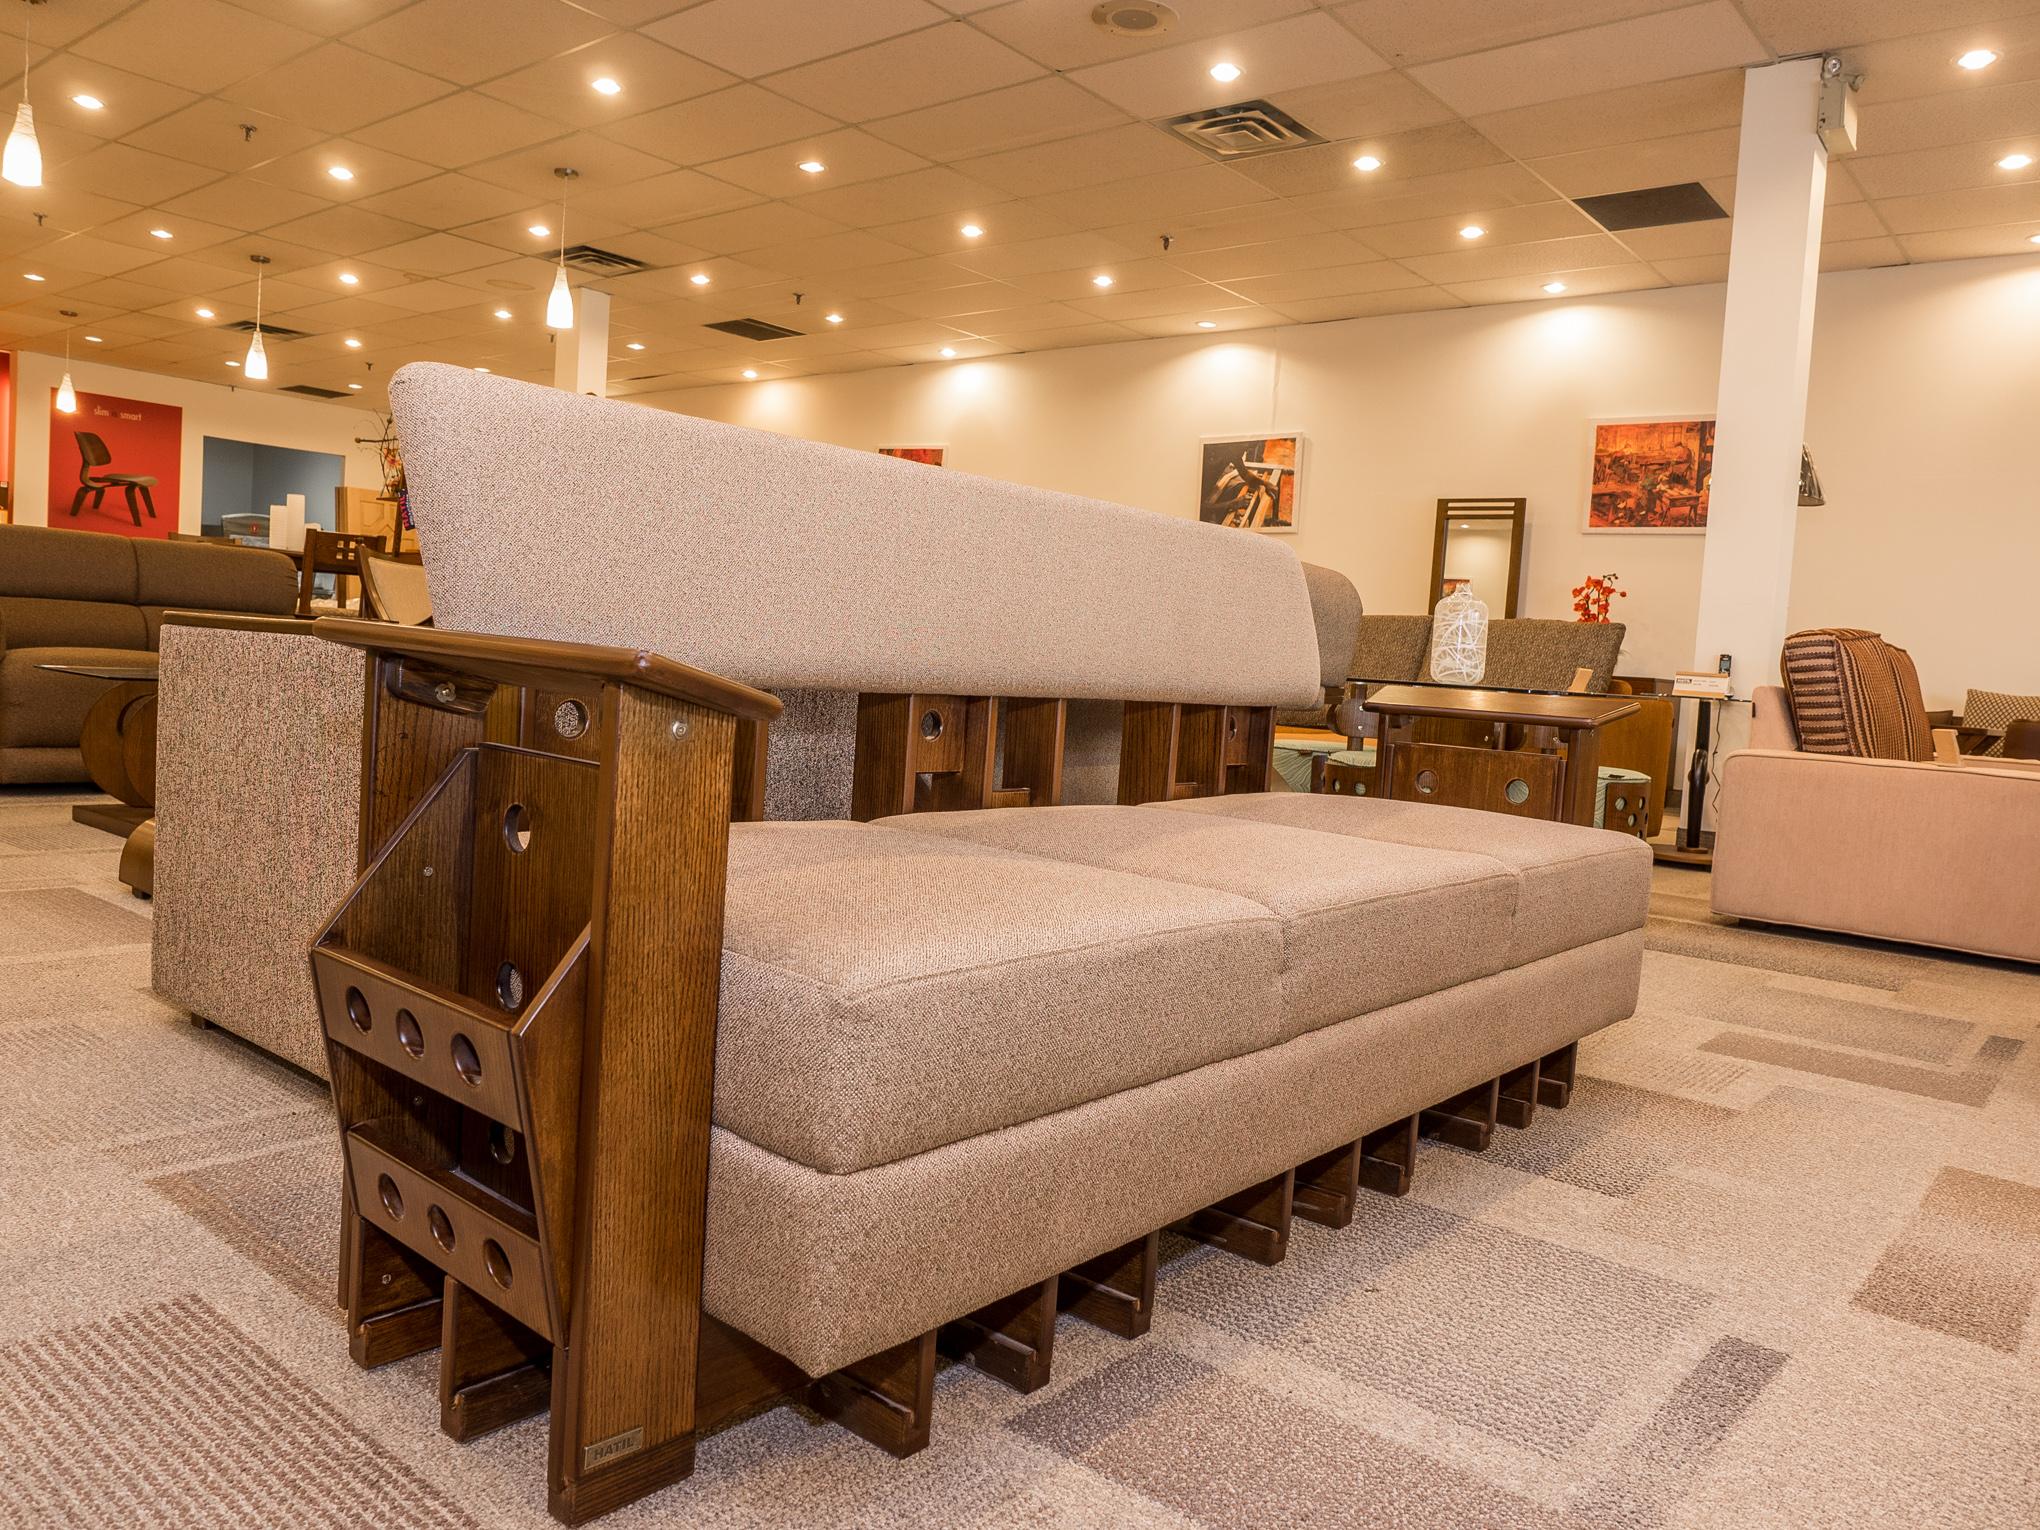 Model: 127-2-1-77. Sofa with magazine holder. 3+2+1 setup.